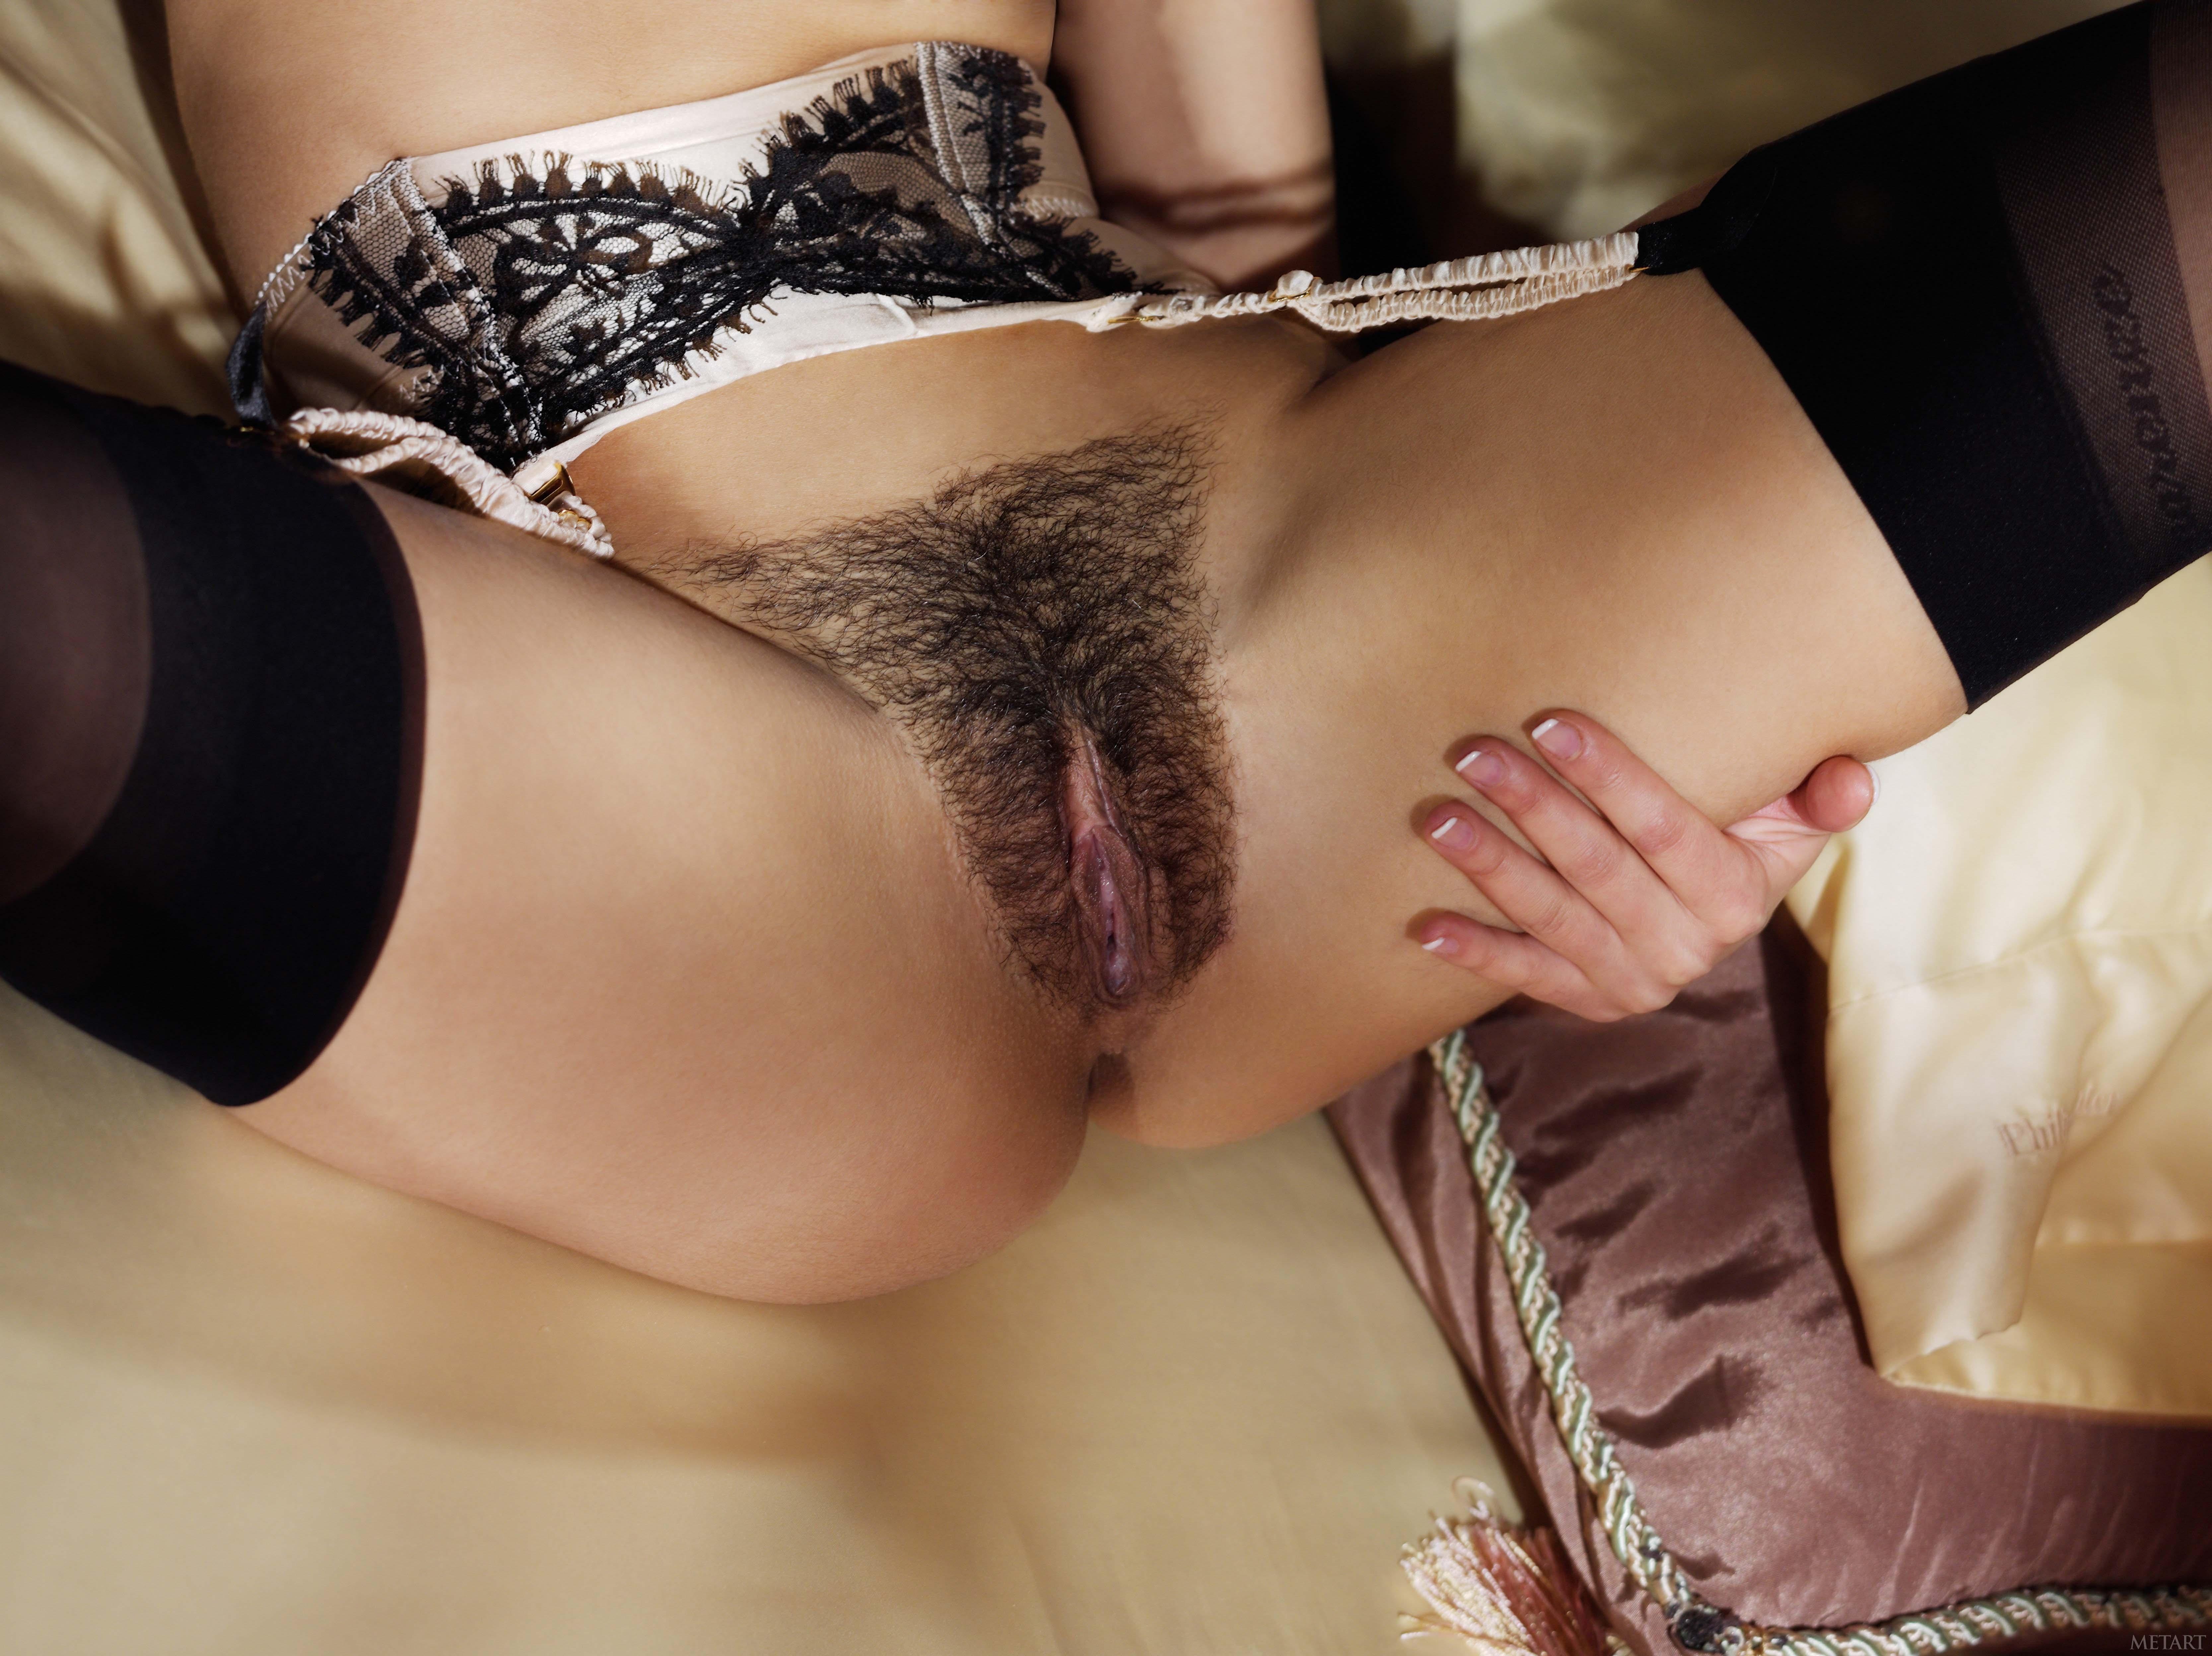 кончились, порно волосатые нижнее белье здорово вписалась анна